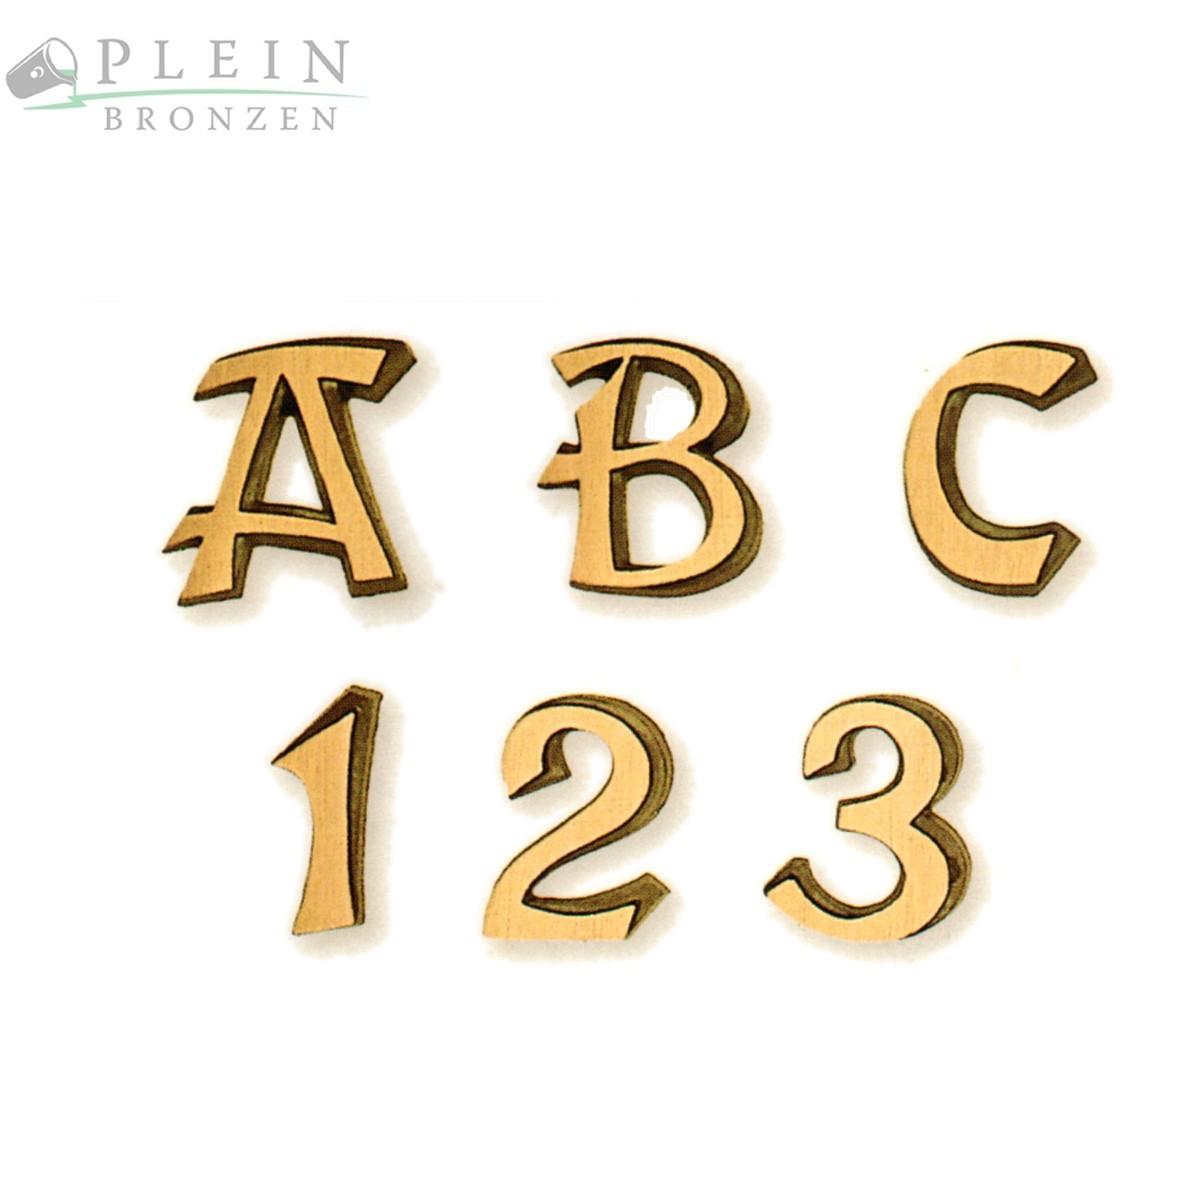 Buchstaben Für Grabsteine Aus Bronze Und Aluminium Typ Georg 1030